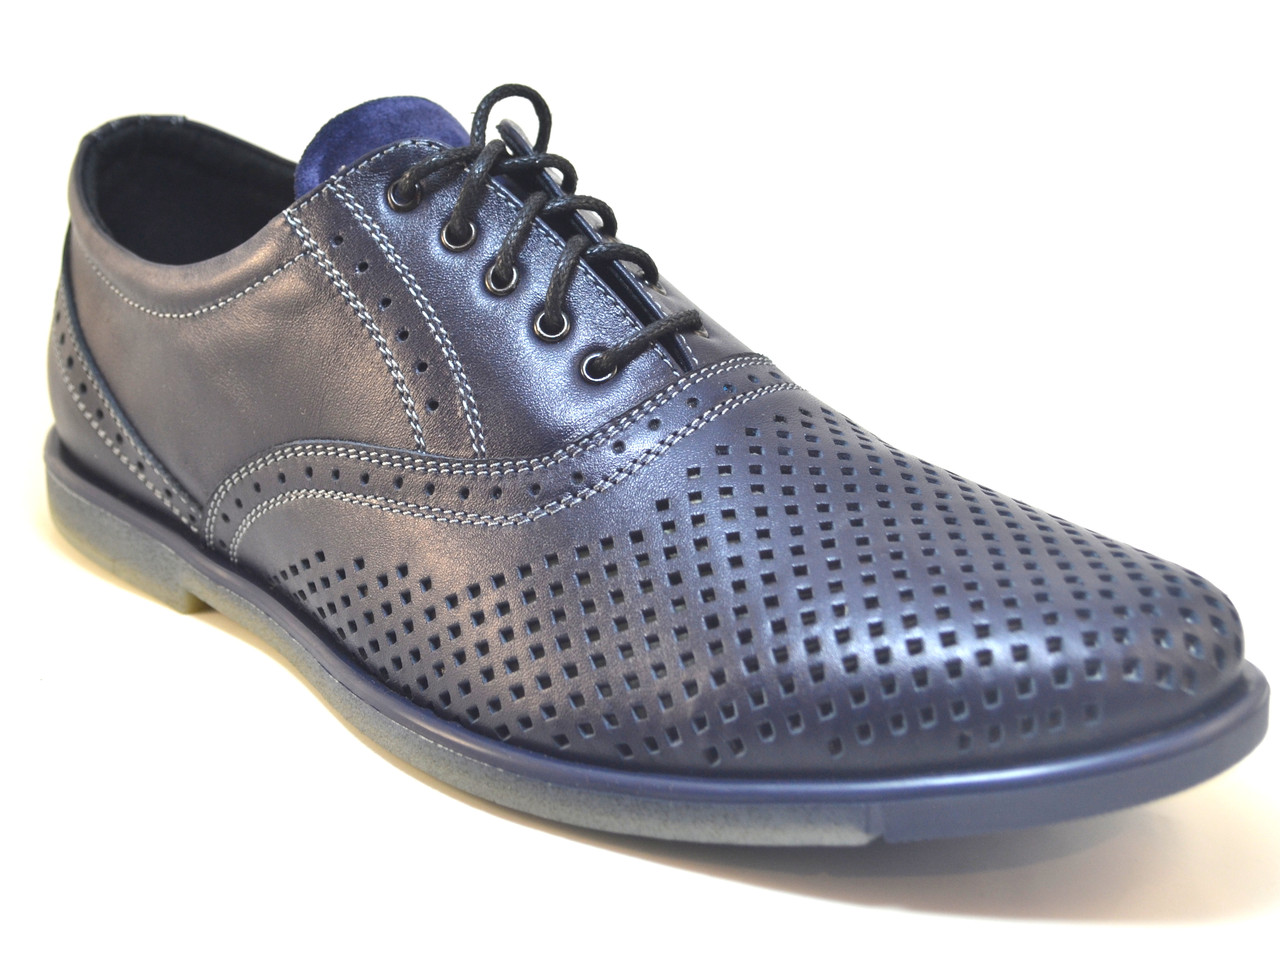 Літні туфлі чоловічі шкіряні сині з перфорацією Rosso Avangard Romano pelle traforata nera